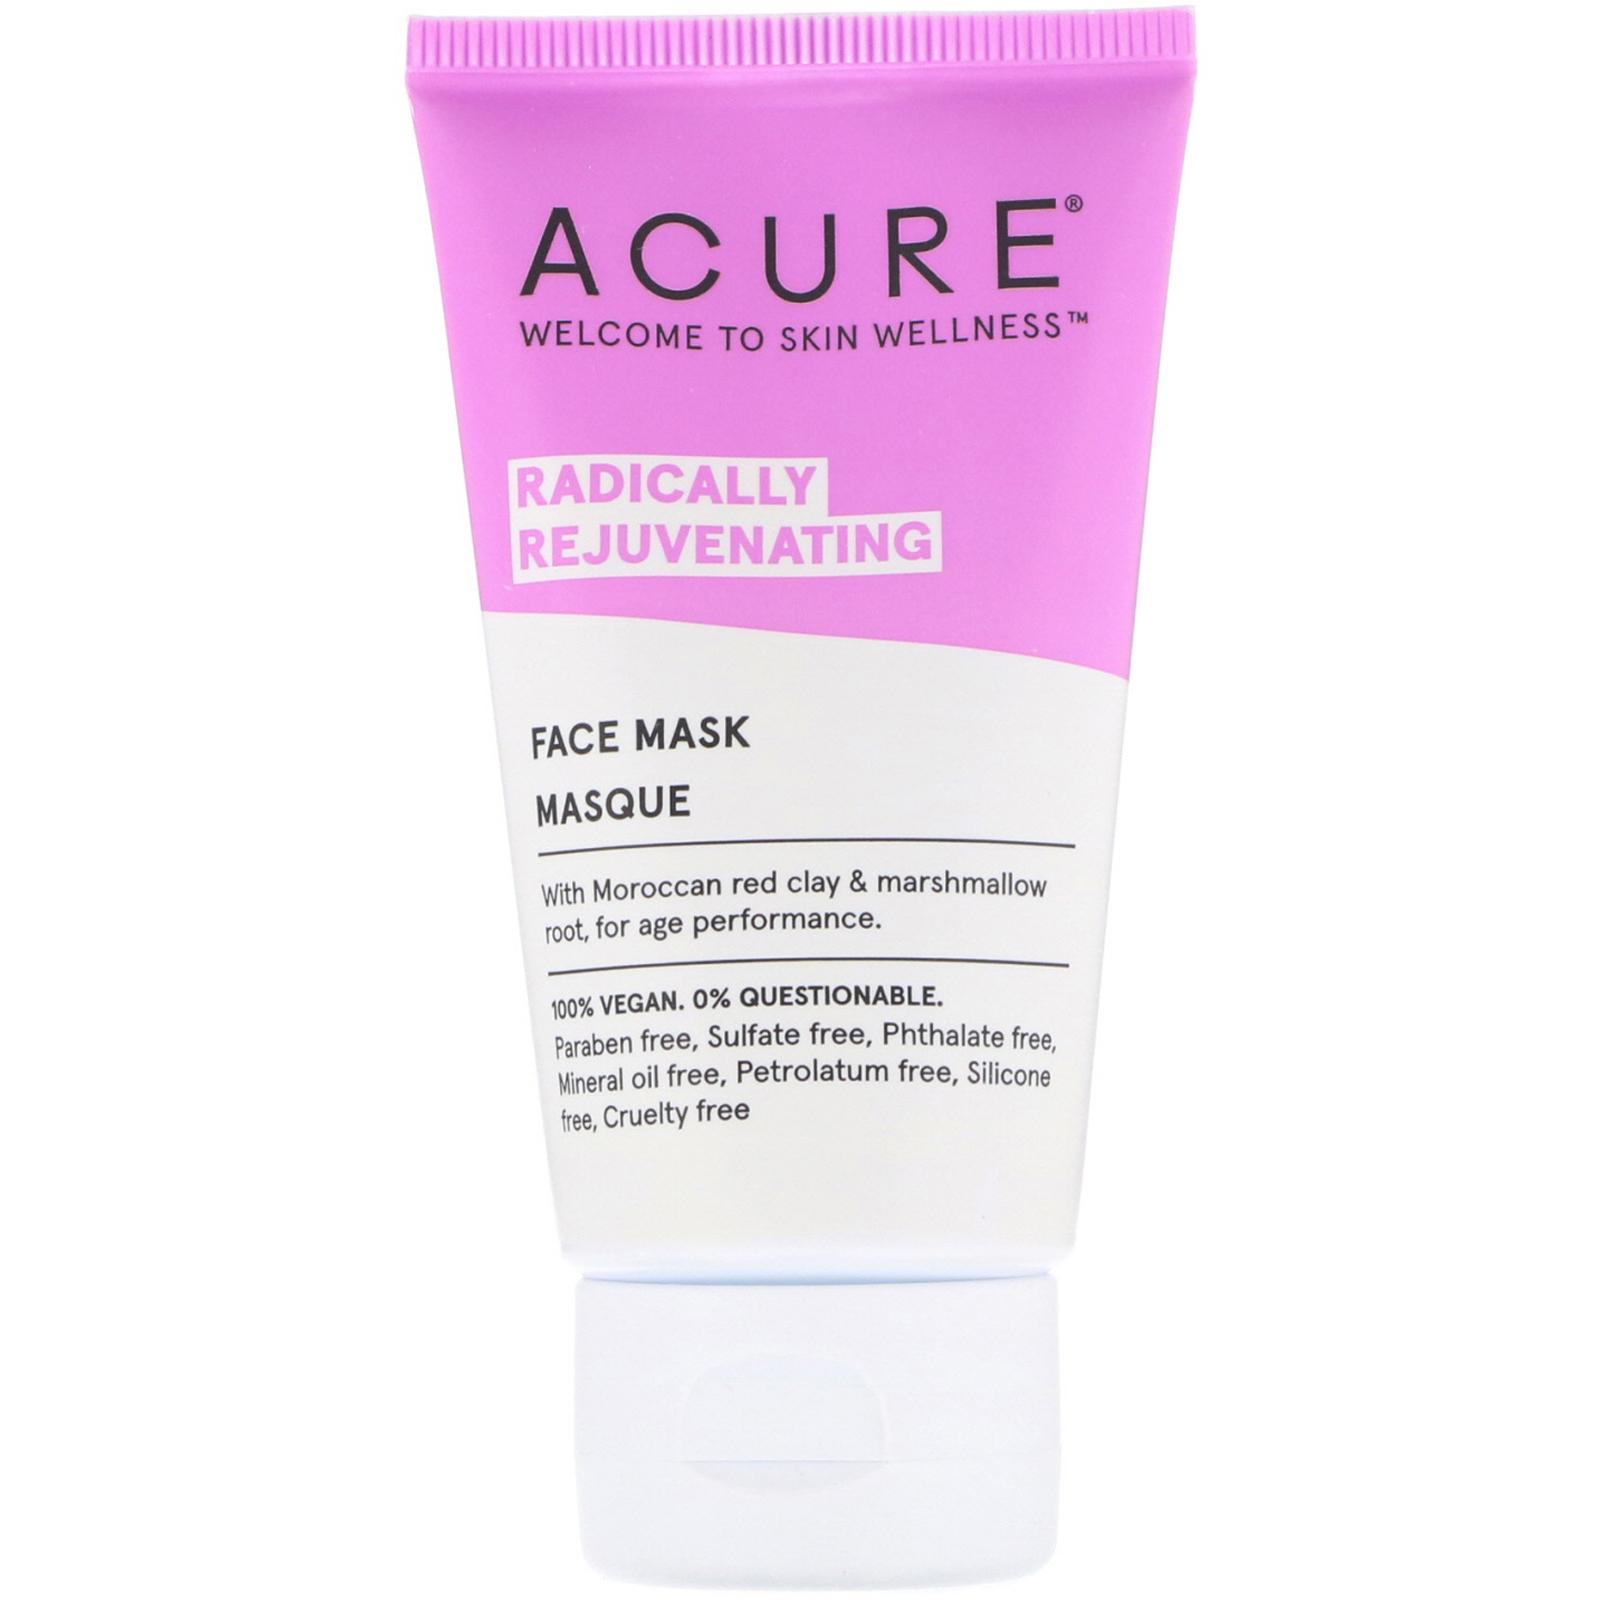 Acure, Radically Rejuvenating, Face Mask, 1.7 Fl Oz (50 Ml